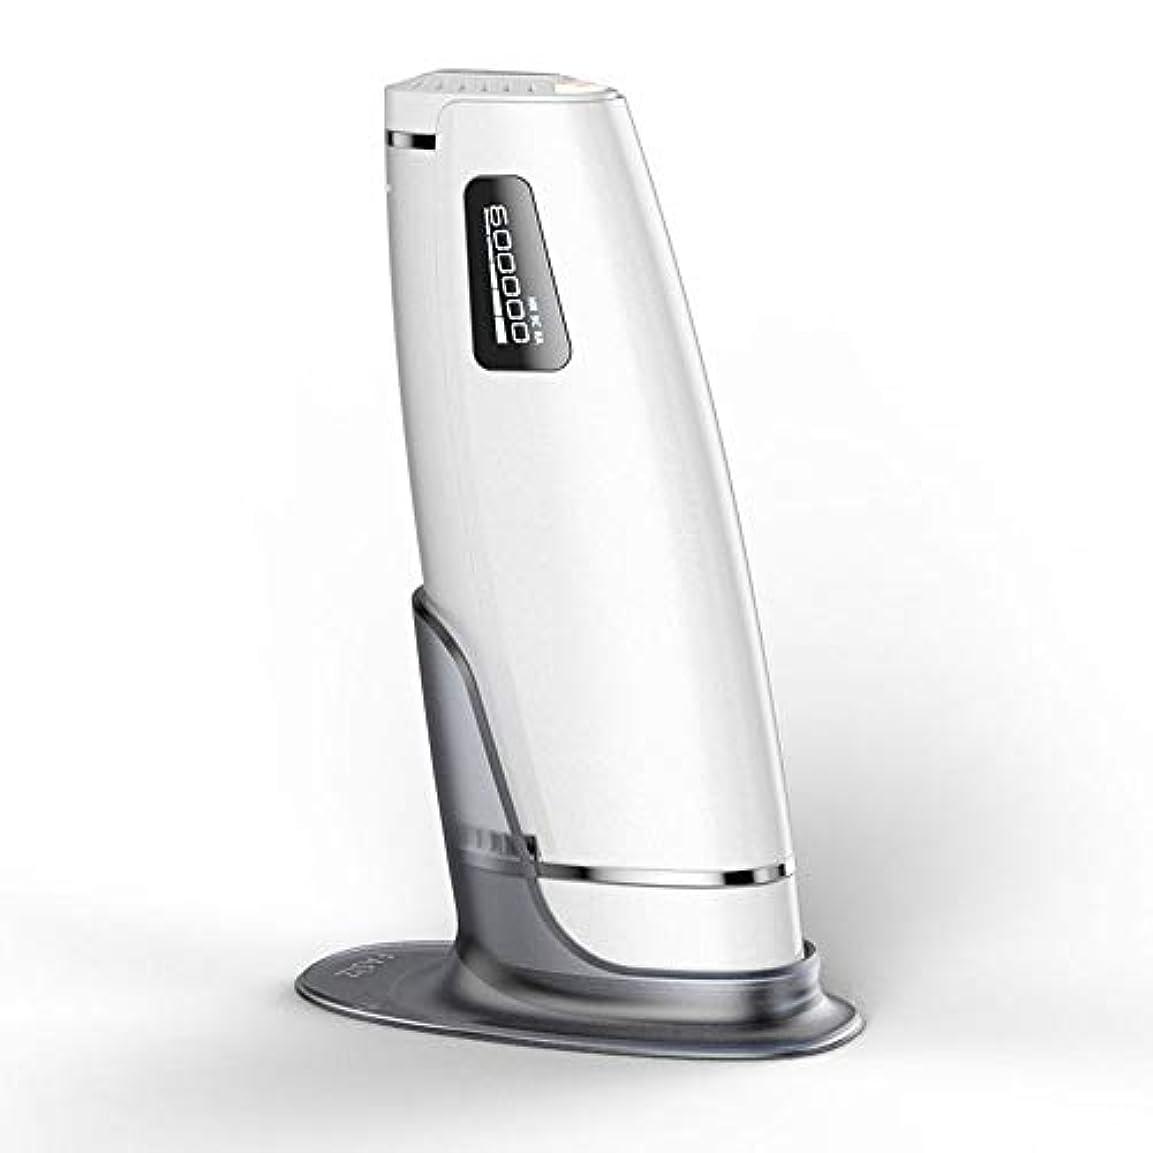 最大限微視的バリケードNuanxin 家庭用自動痛みのない毛の除去剤、白、携帯用永久的な毛の除去剤、二重モード、5つの速度調節、サイズ20.5 X 4.5 X 7 Cm F30